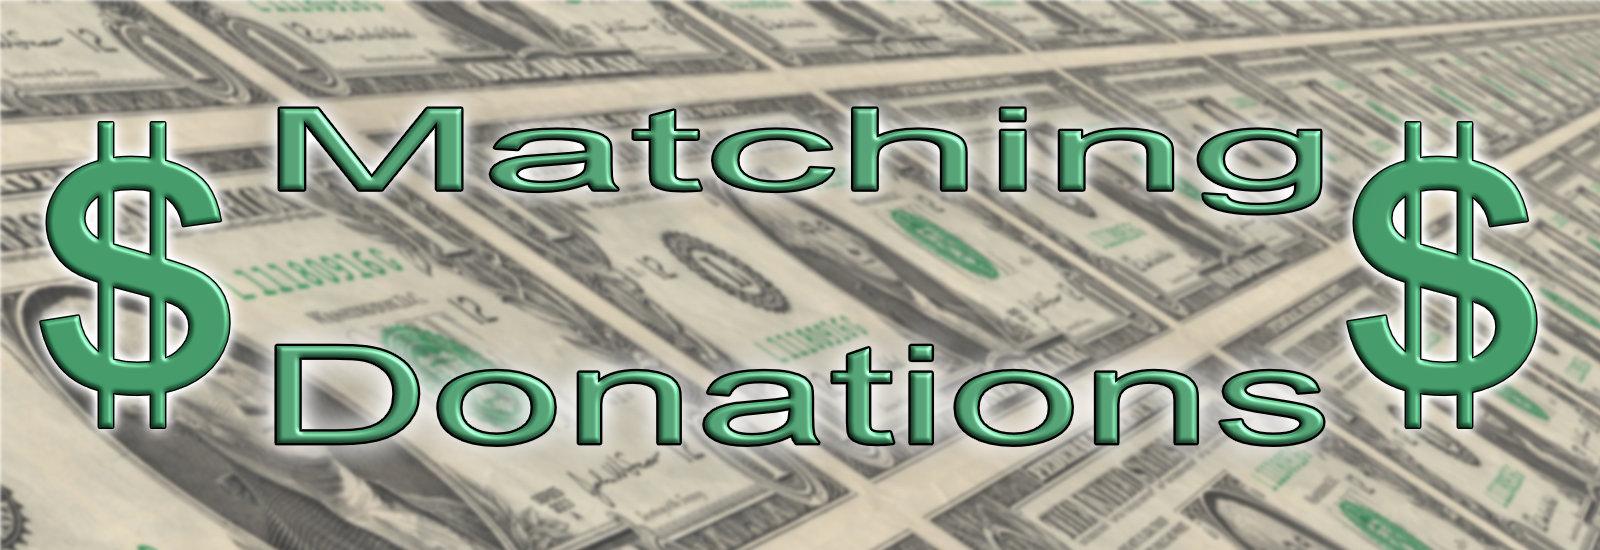 match donate